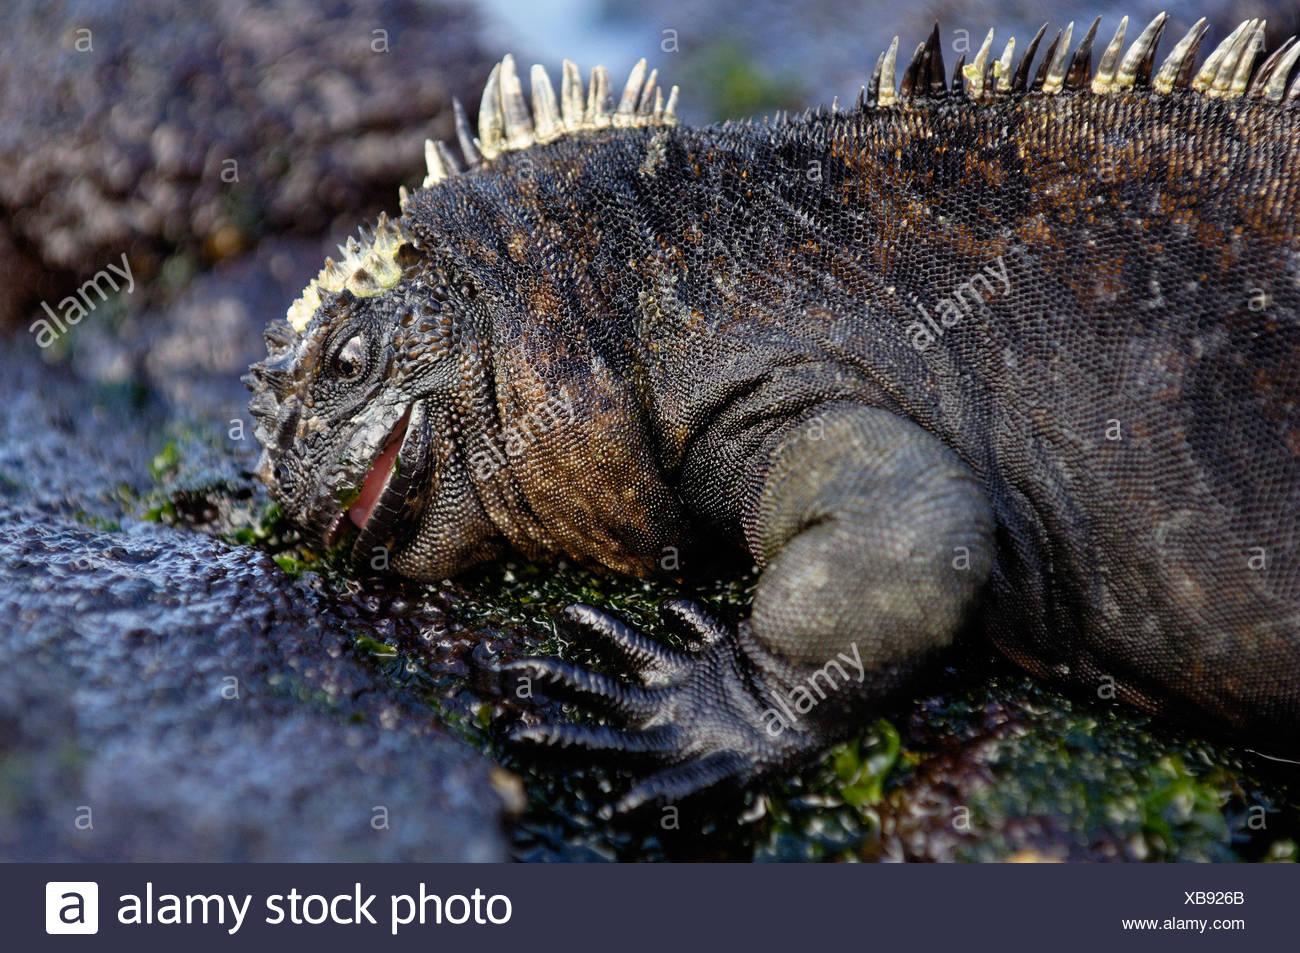 Iguana marina alimentandose en la lechuga de mar (Alva sp.), Puerto Egas, Isla Santiago, Islas Galápagos, Ecuador, América del Sur. Foto de stock